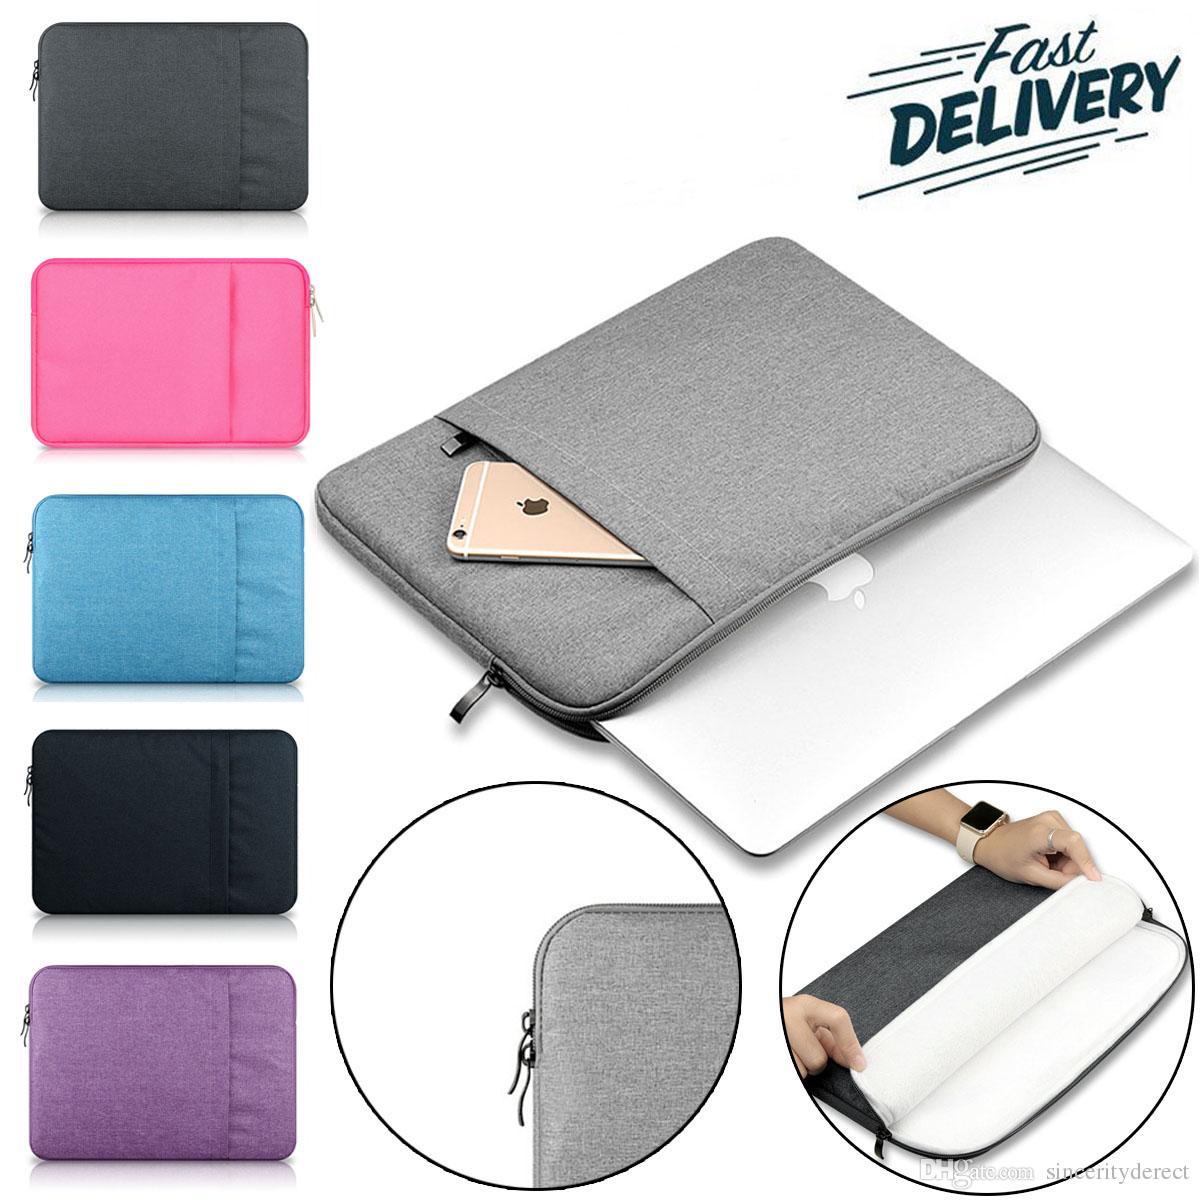 Laptop Sleeve Drop-prova de poeira para 13-15 polegadas Notebook Bag Para iPad Pro Apple ASUS Lenovo Dell, portátil 360 ° de proteção Bolsa de Transporte Bag